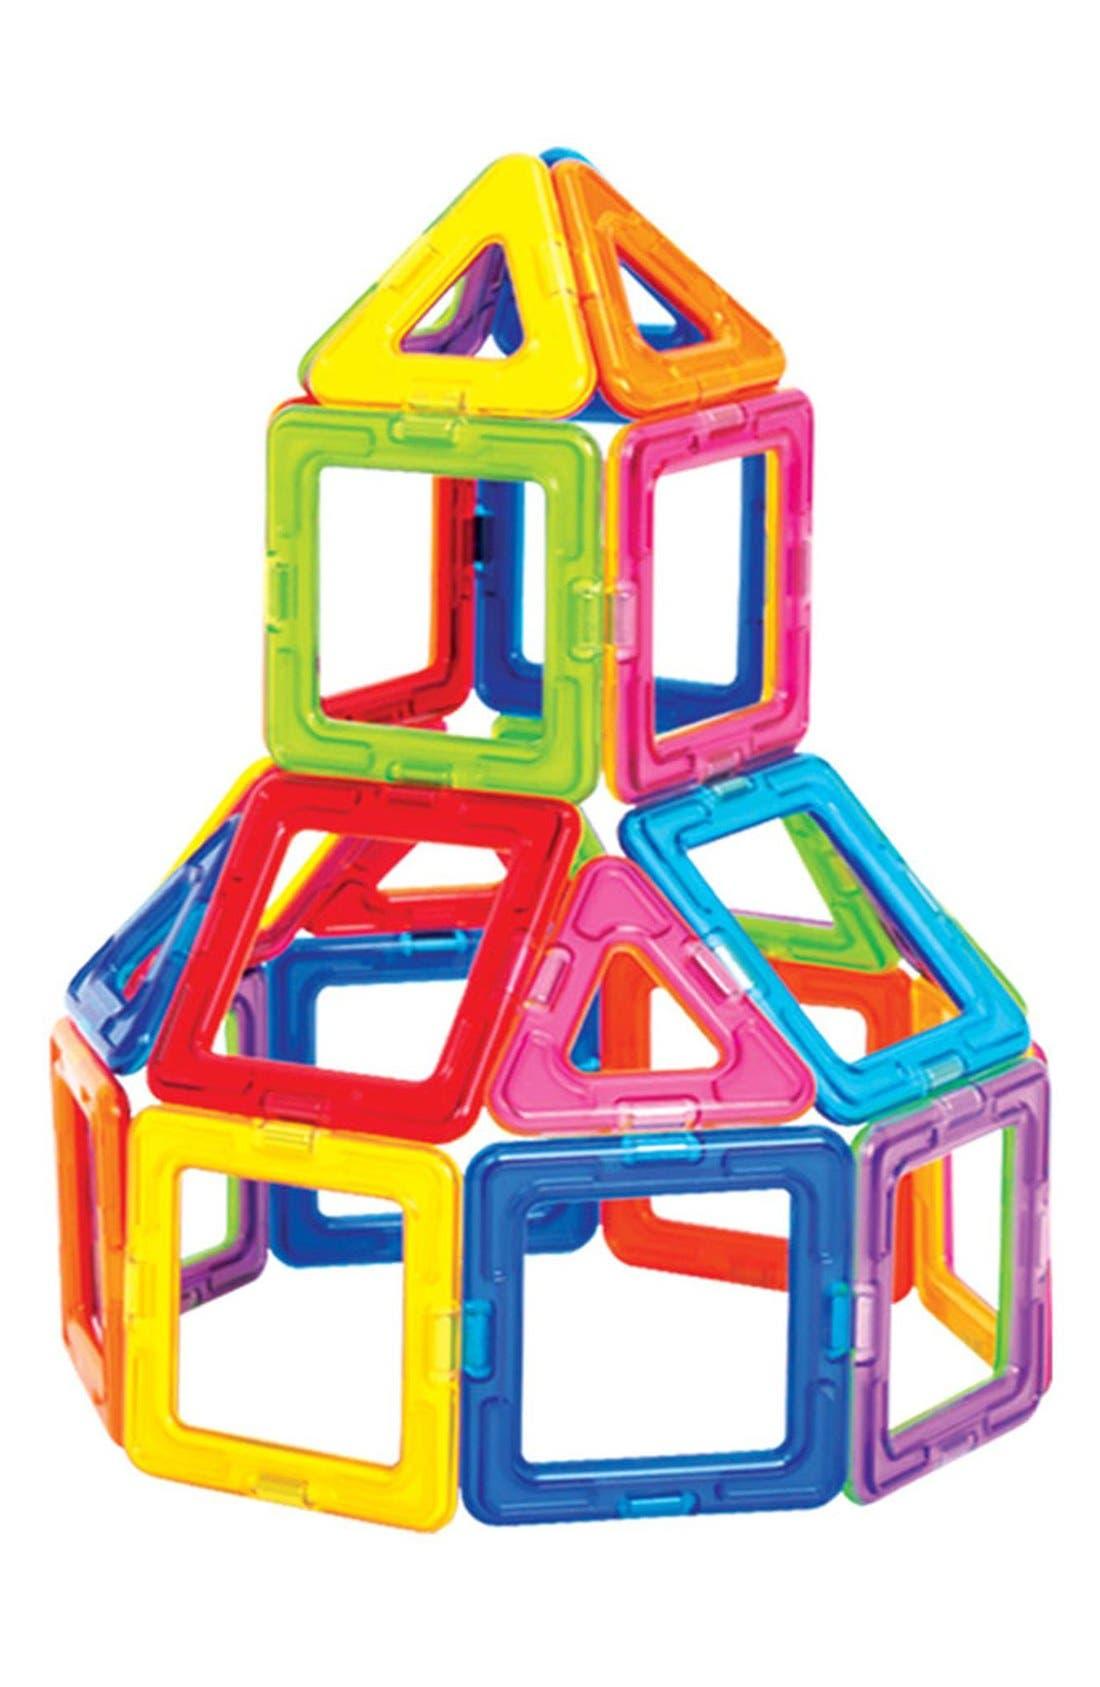 'Standard' Magnetic 3D Construction Set,                             Alternate thumbnail 8, color,                             Rainbow